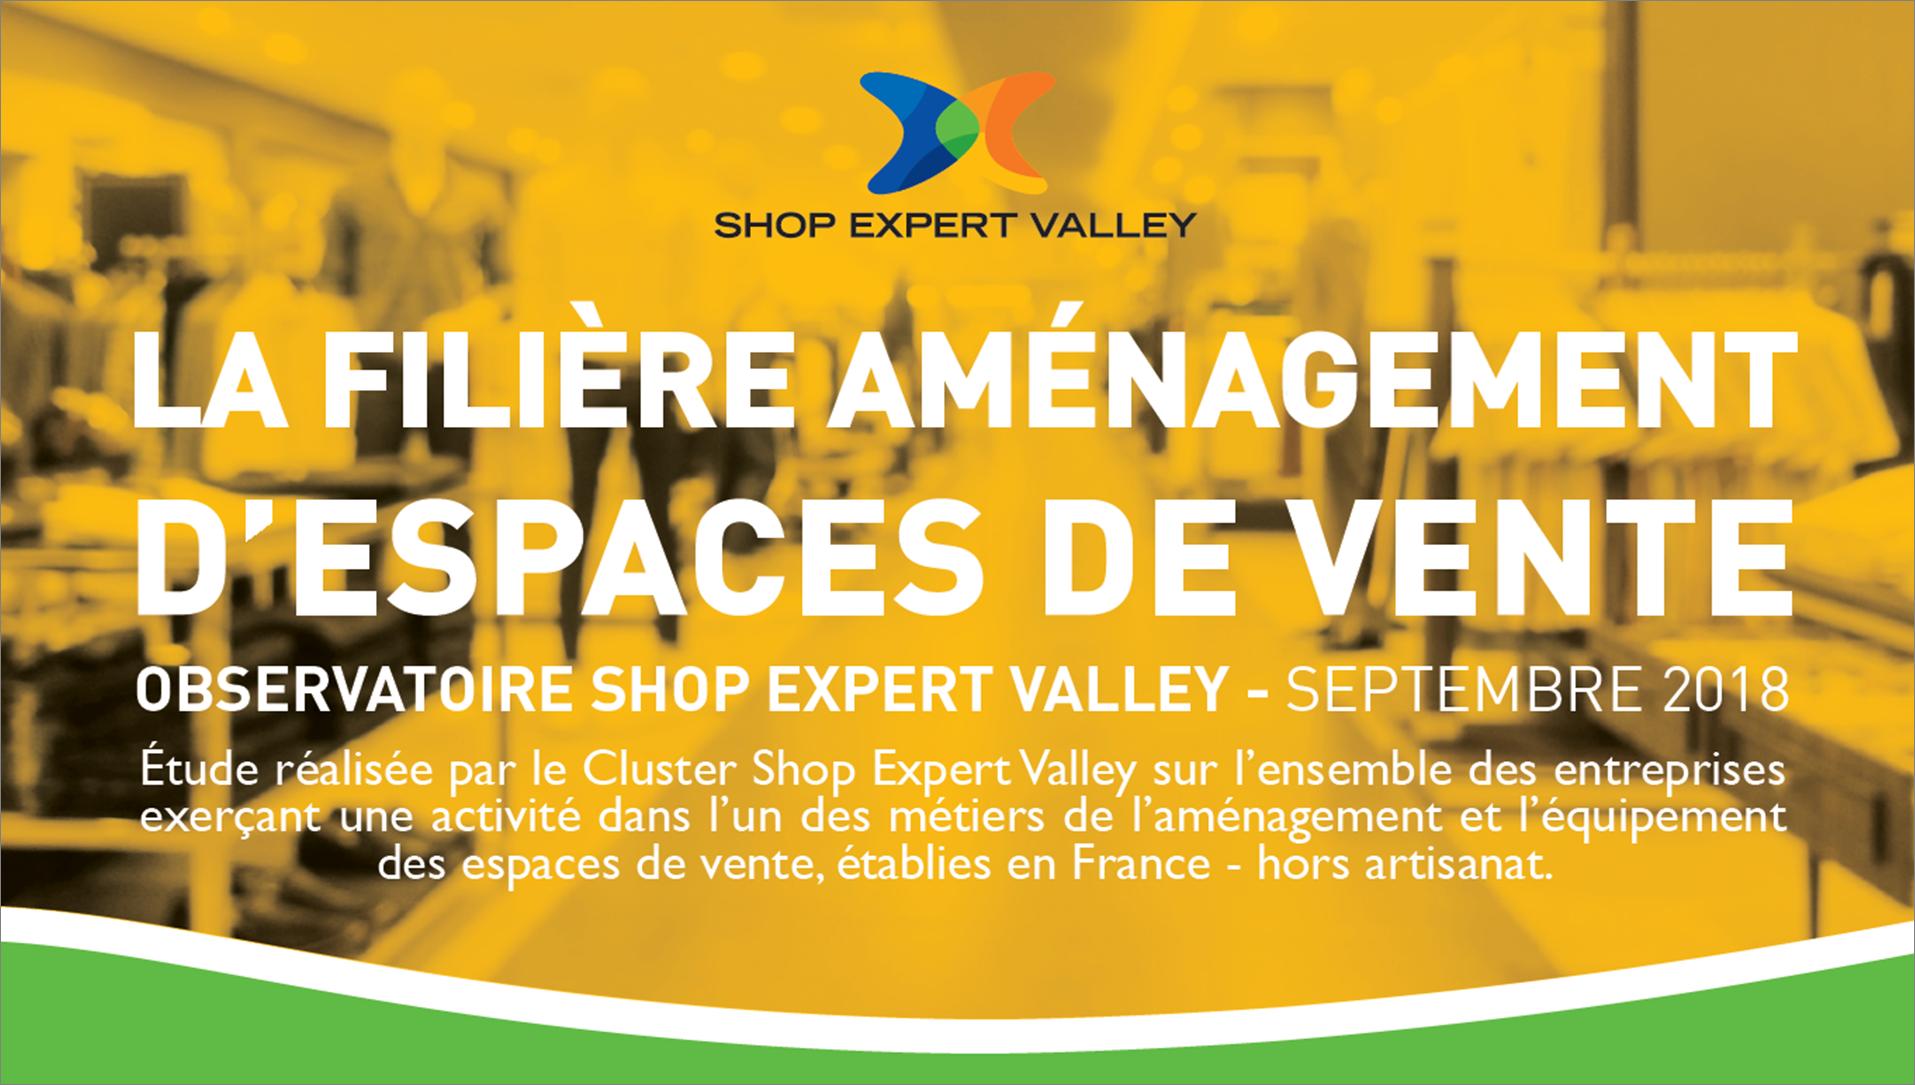 La filière Aménagement d'espaces de vente -observatoire Shop Expert Valley 2018